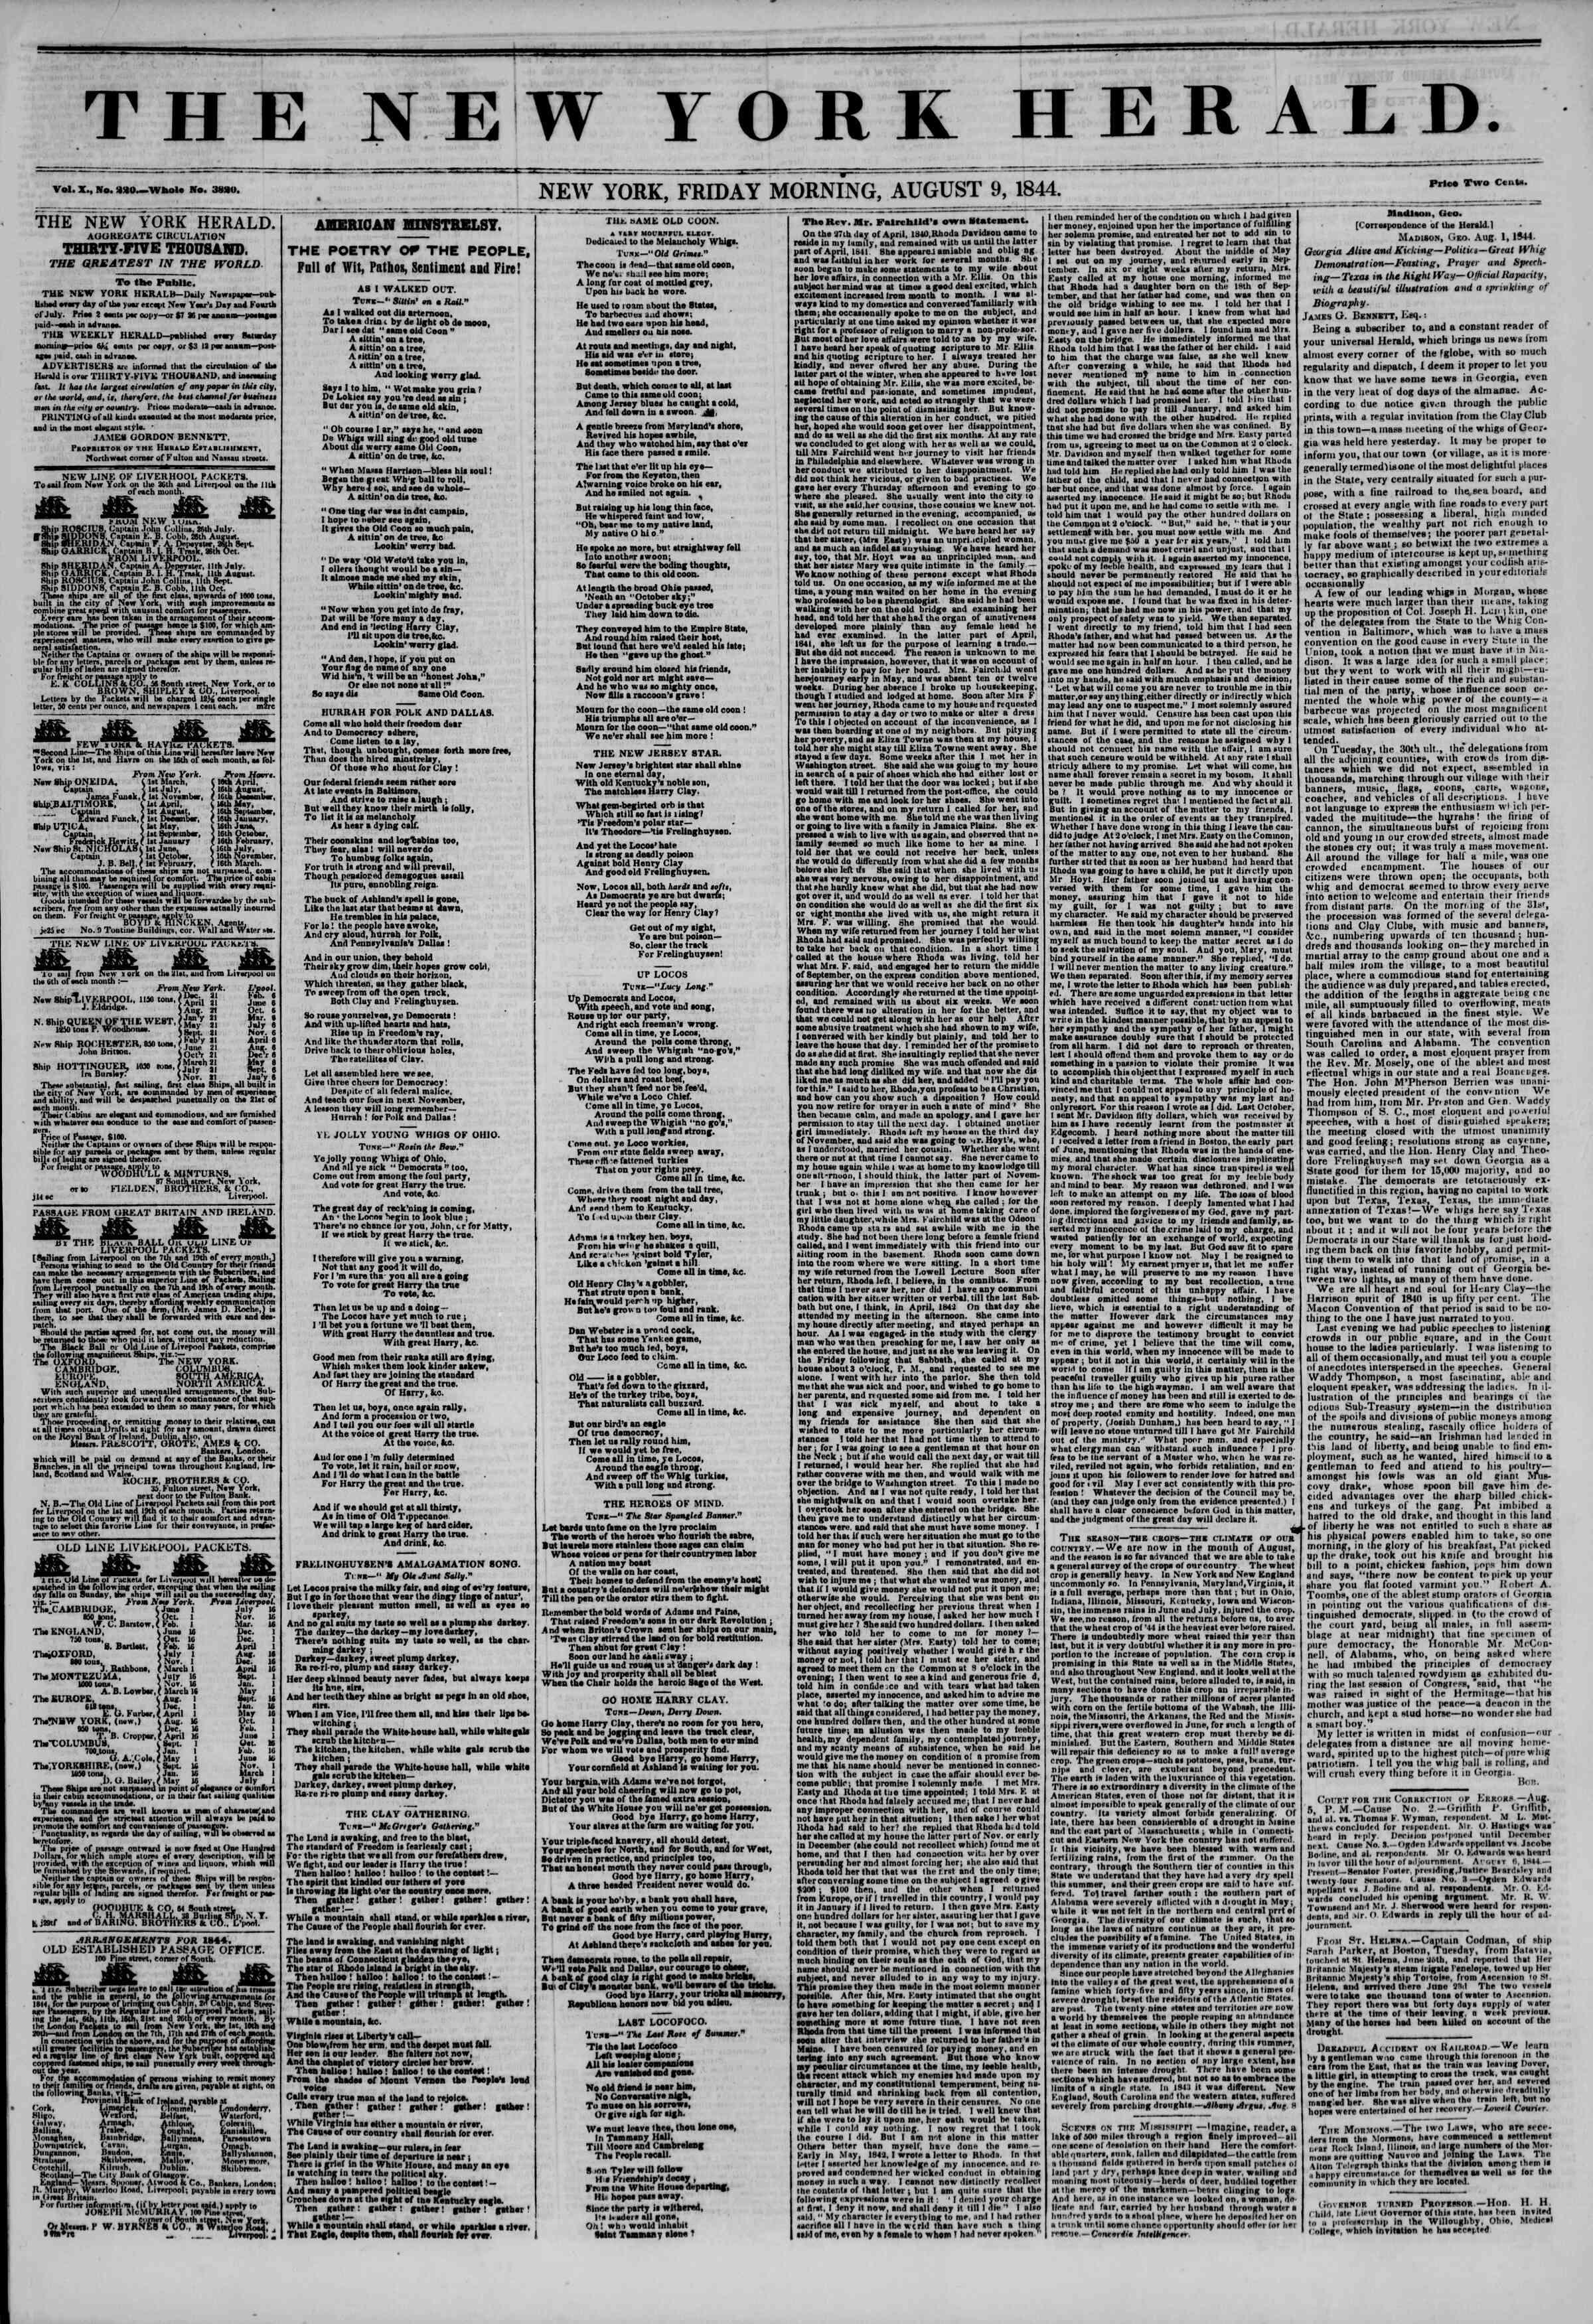 August 9, 1844 Tarihli The New York Herald Gazetesi Sayfa 1